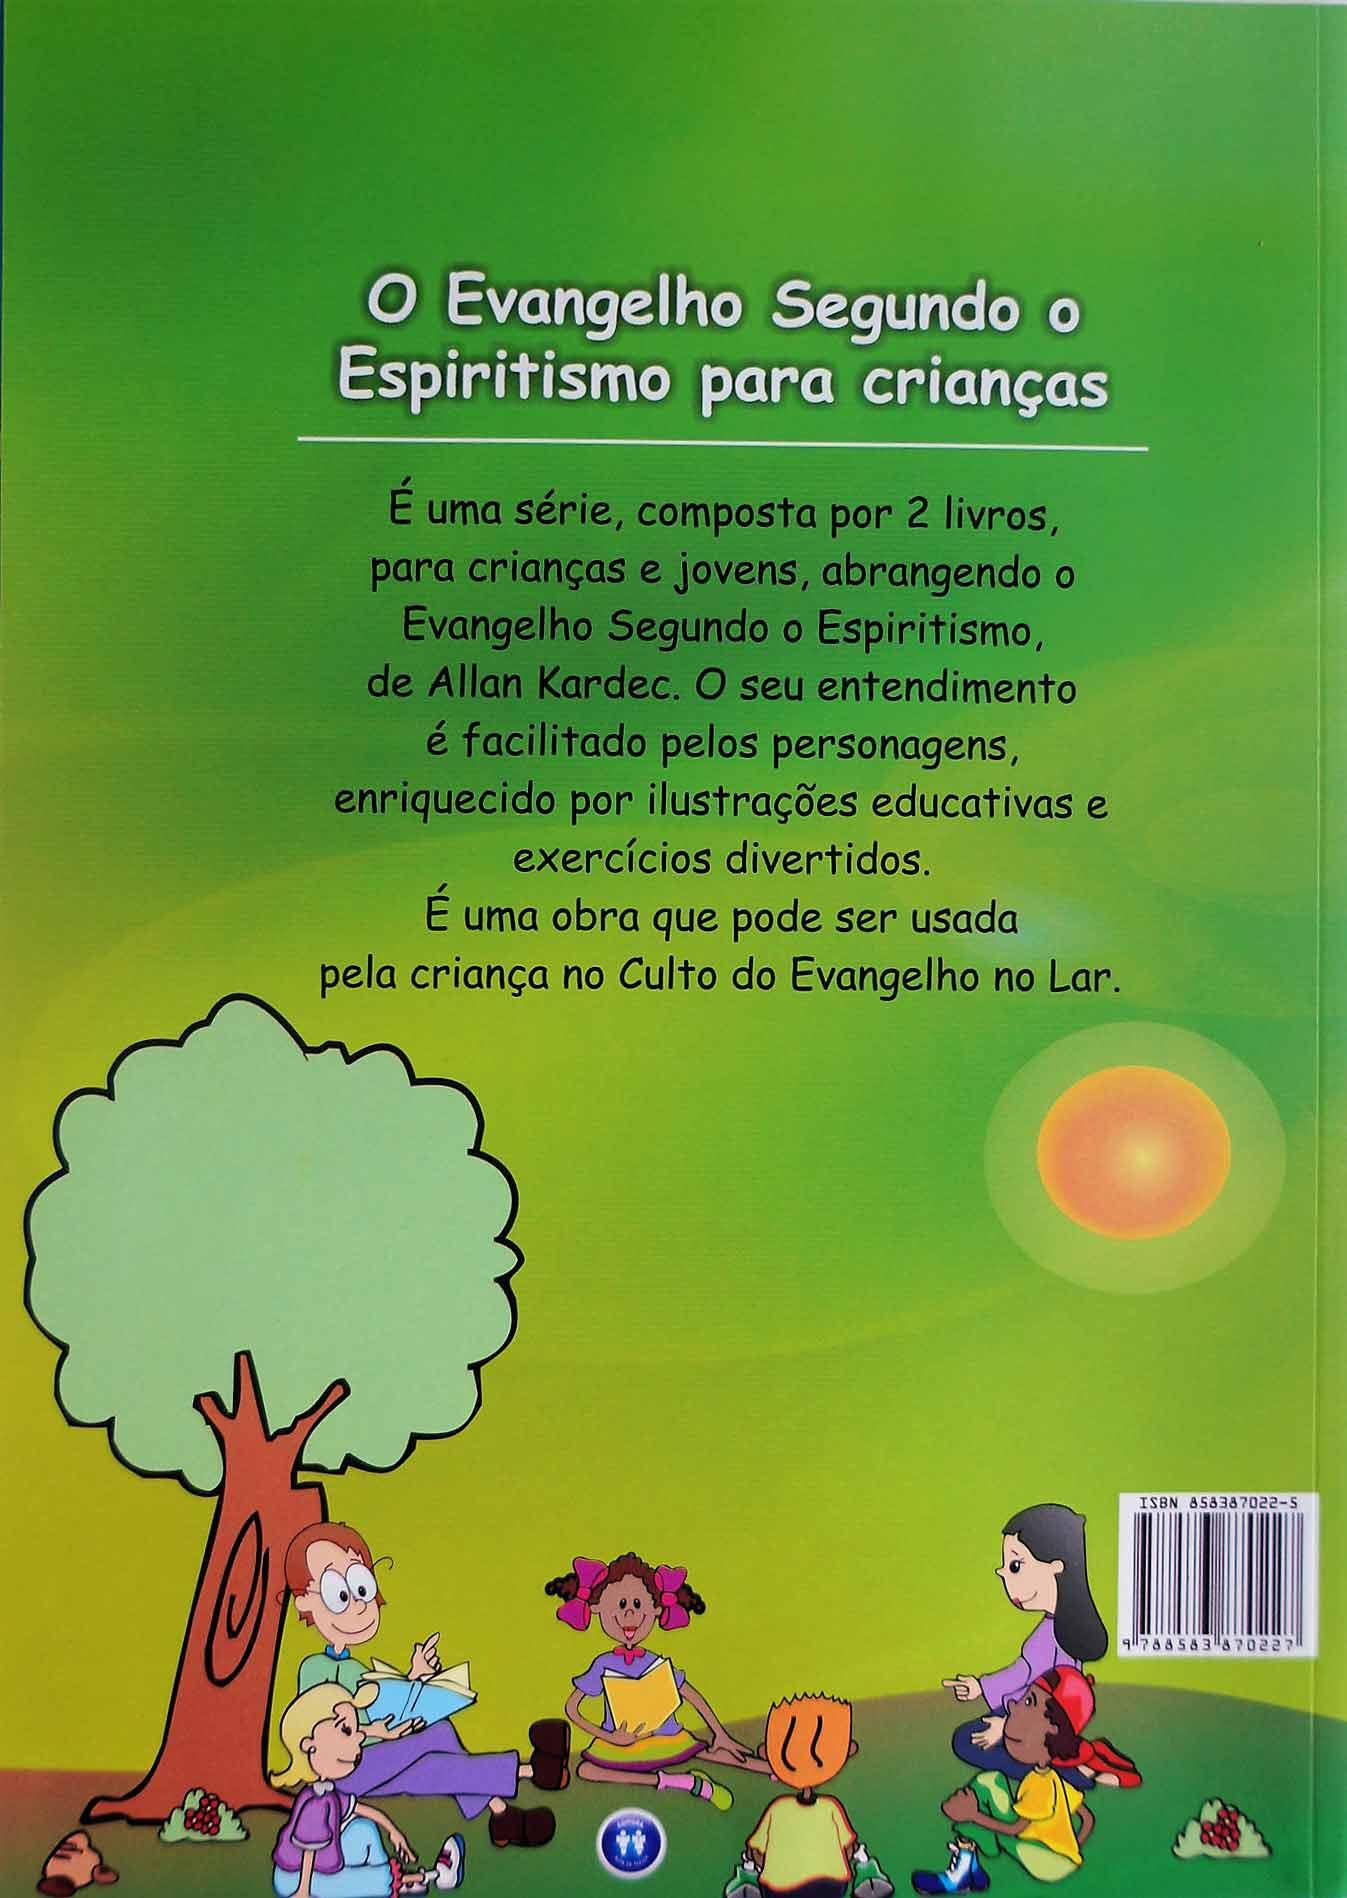 EVANGELHO SEGUNDO O ESPIRITISMO 1 PARA CRIANÇAS, O